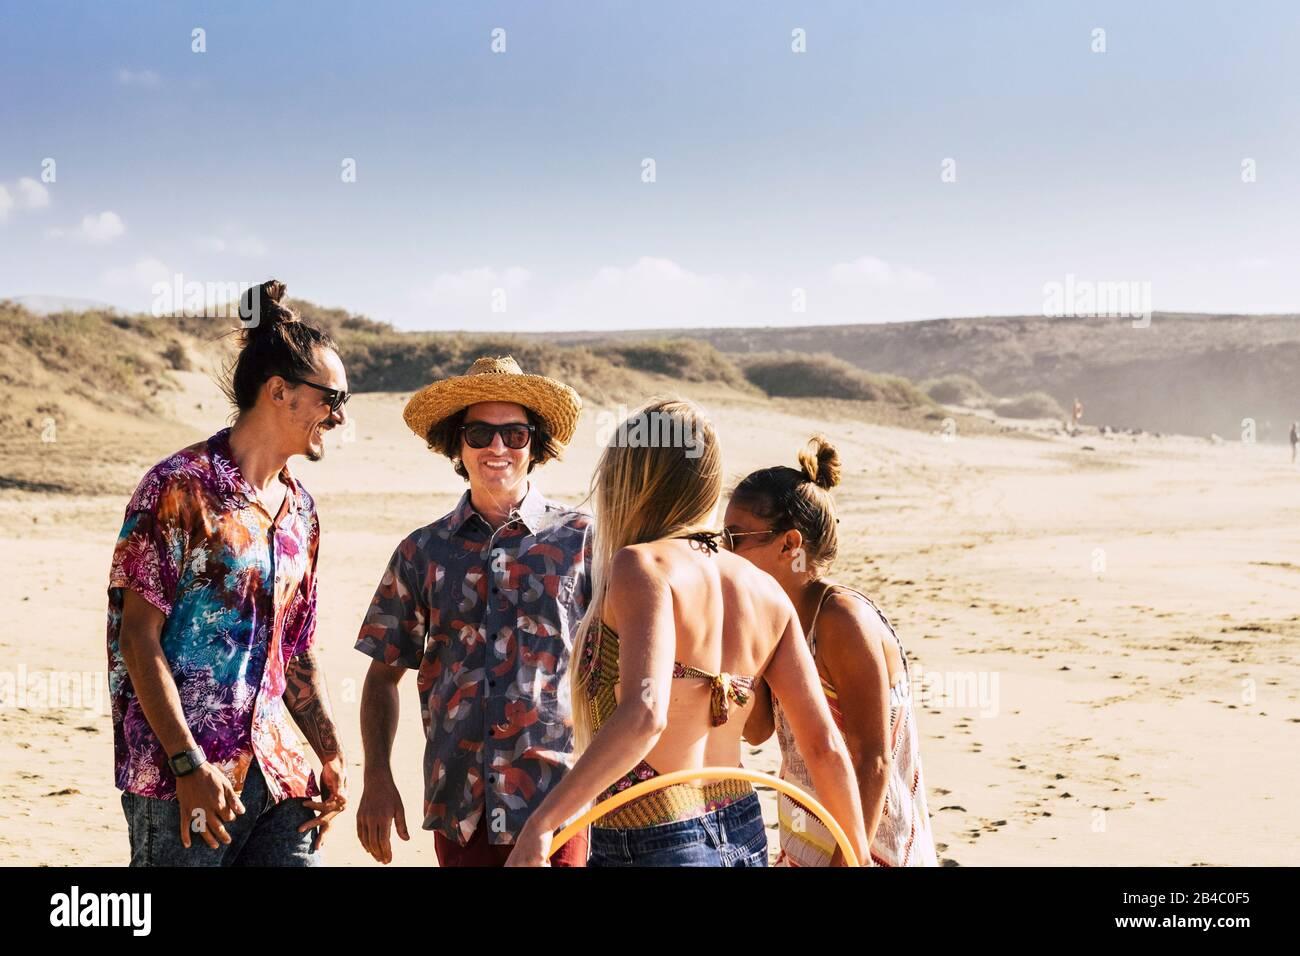 Gruppe junger Freunde, die am Strand Spaß haben und Spaß haben - Tourismus- und Touristikkonzept für Sommerferienurlaub - Sonne und schöne Männer und Frauen zusammen im Freien in Freundschaft Stockfoto